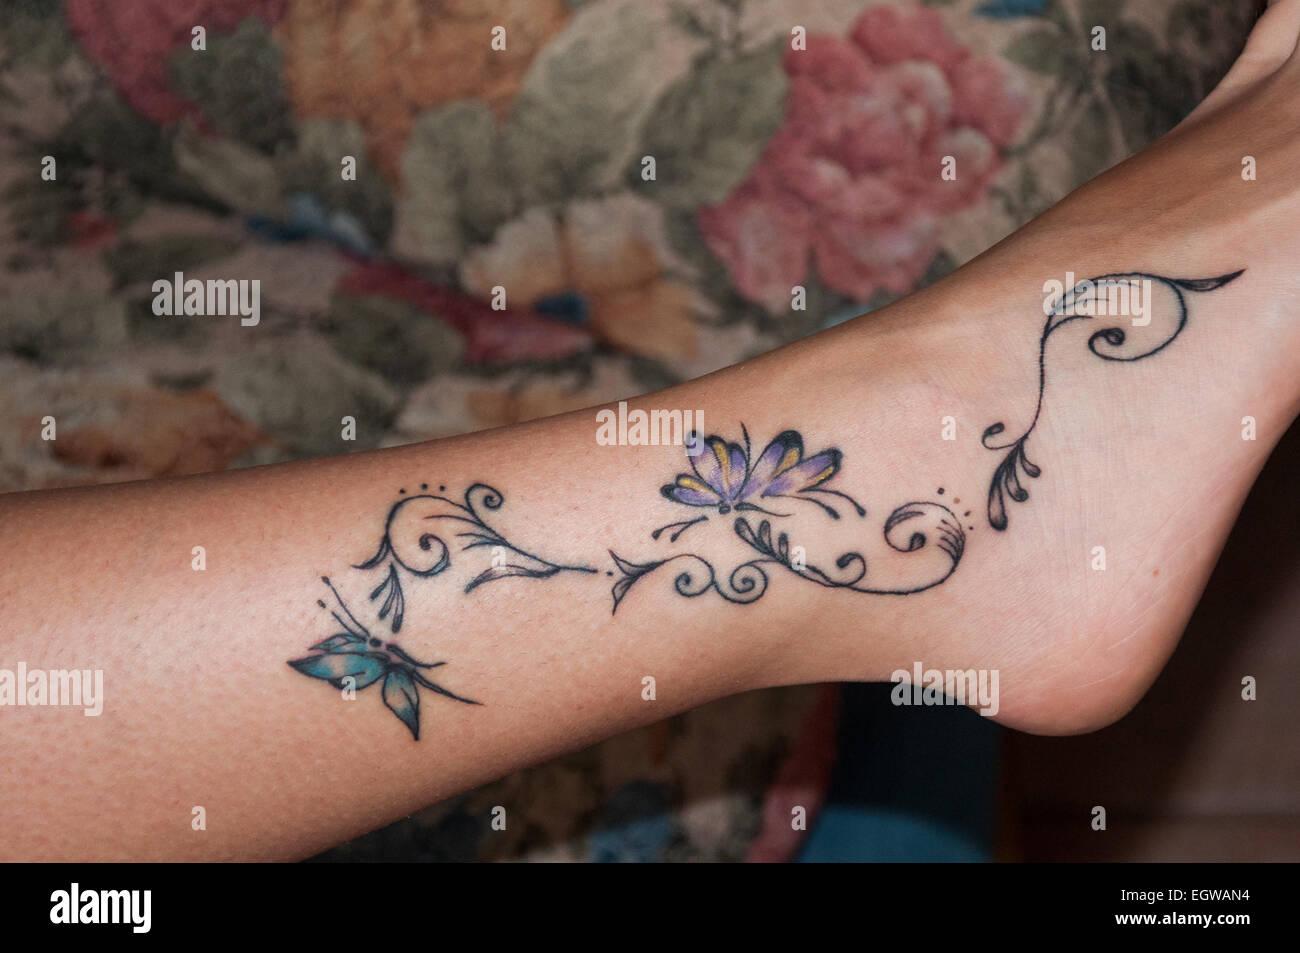 Ein Schönes Tattoo Auf Eine Frau Knöchel Stockfoto Bild 79233200